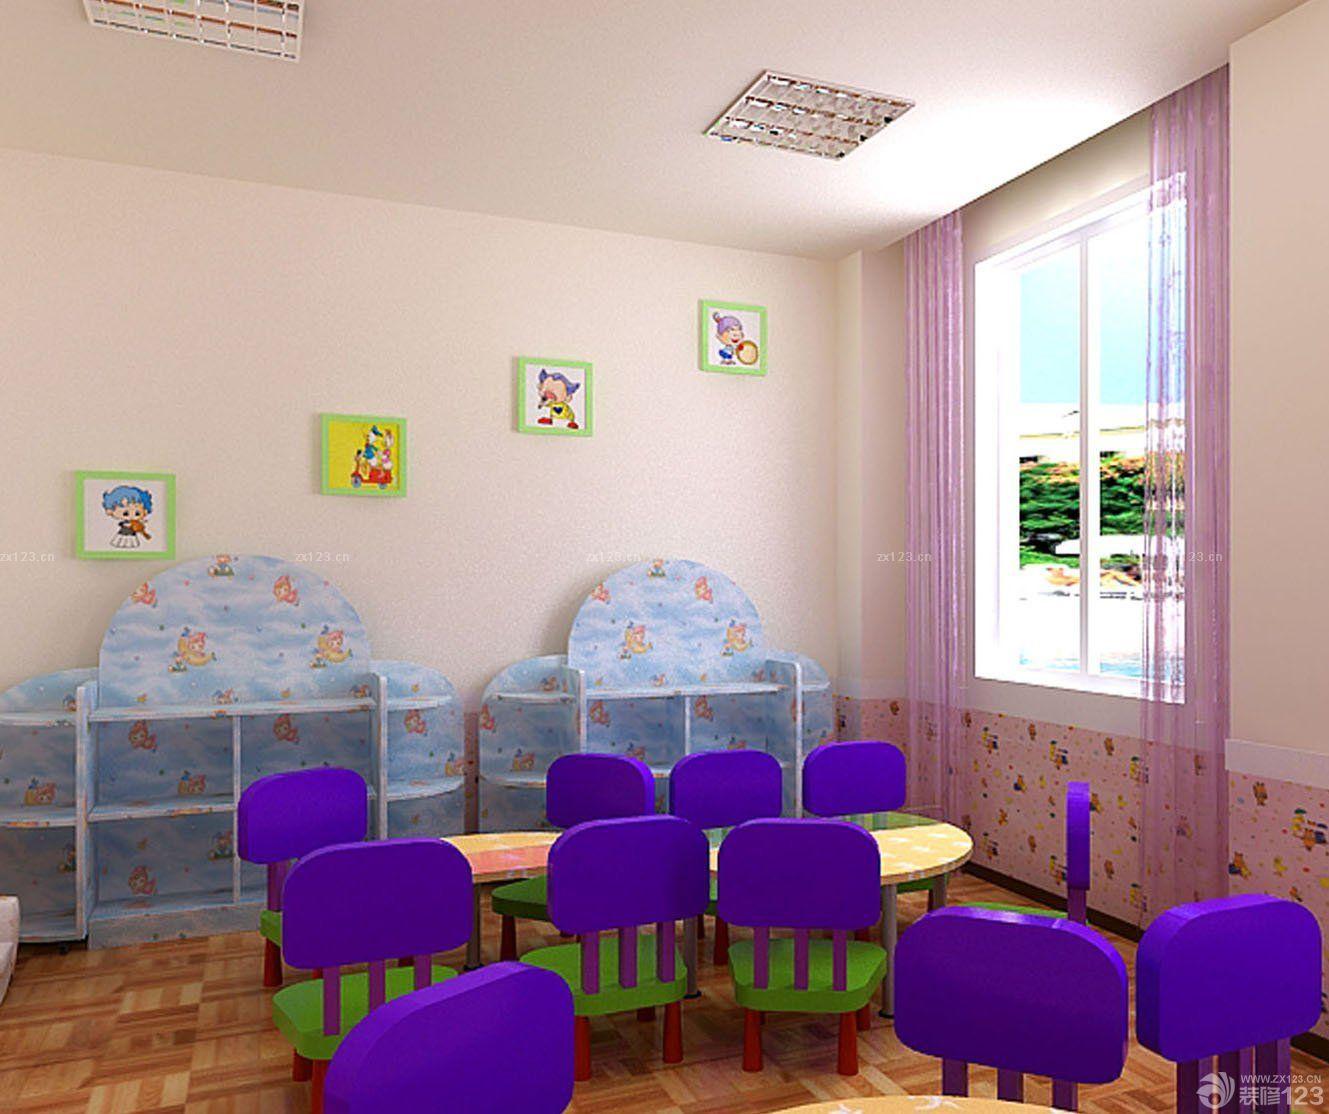 高端幼儿园装修教室窗户设计效果图